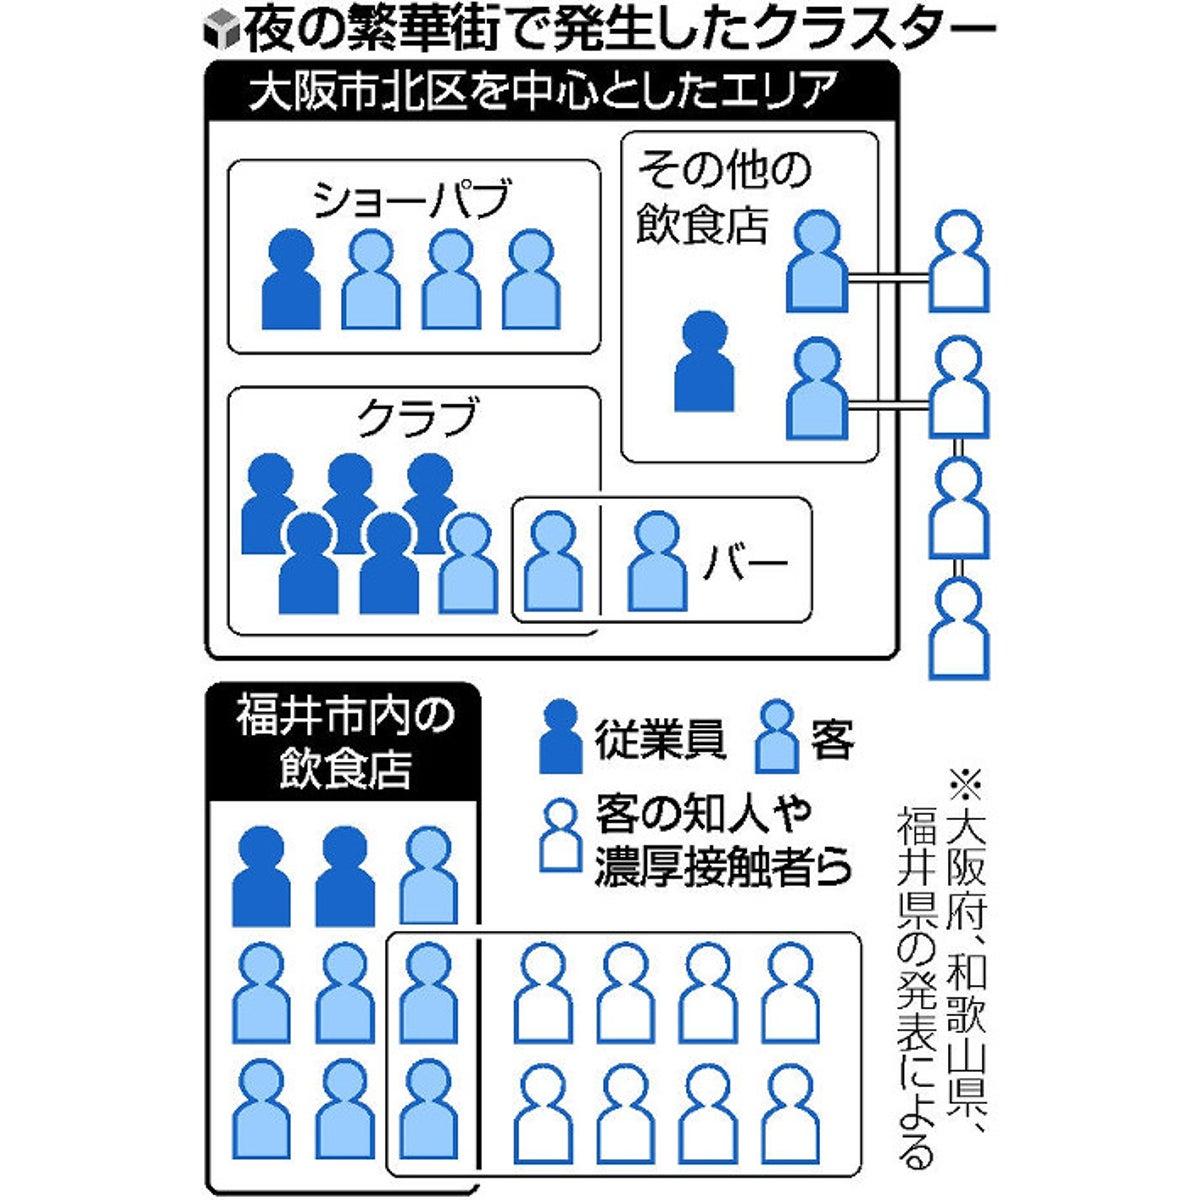 福井 コロナ ウイルス 速報